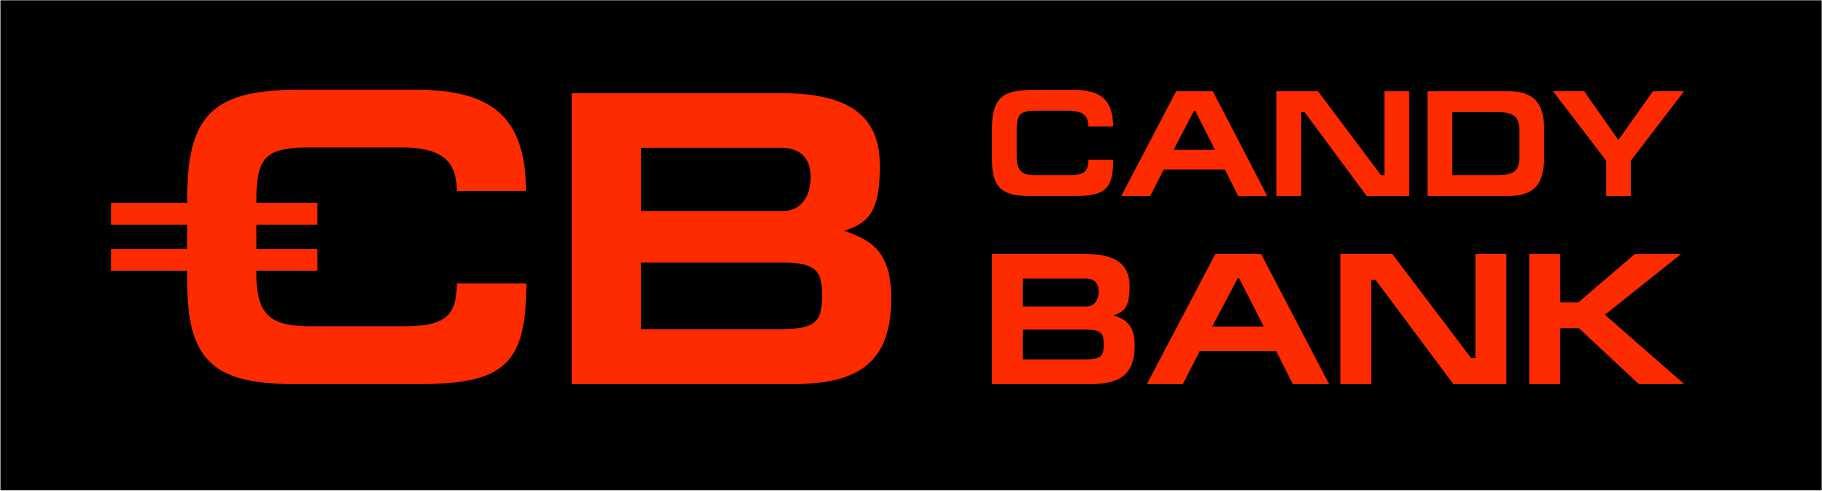 Логотип для международного банка фото f_9845d68df9693bbb.jpg